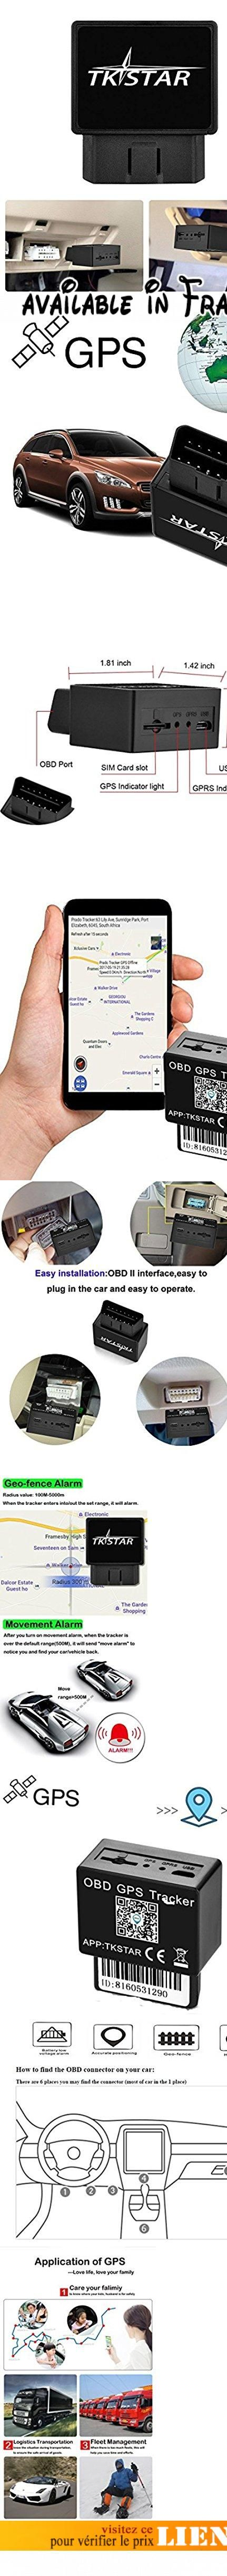 en temps réel véhicule GPS Tracker Tk816OBD 2planches Mini caché appareil de suivi GSM AGPS GPS pour voiture. & # x2714; applications: principalement utilisé pour la gestion des véhicules et des services de localisation géographique.. & # x2714; Plug and Play OBDII véhicule Tracker, GPS + lbs double positionnement en temps réel.. & # x2714; plusieurs fonction: GPS/AGPS double emplacement, les vibrations, les déplacements, l'alarme de survitesse,